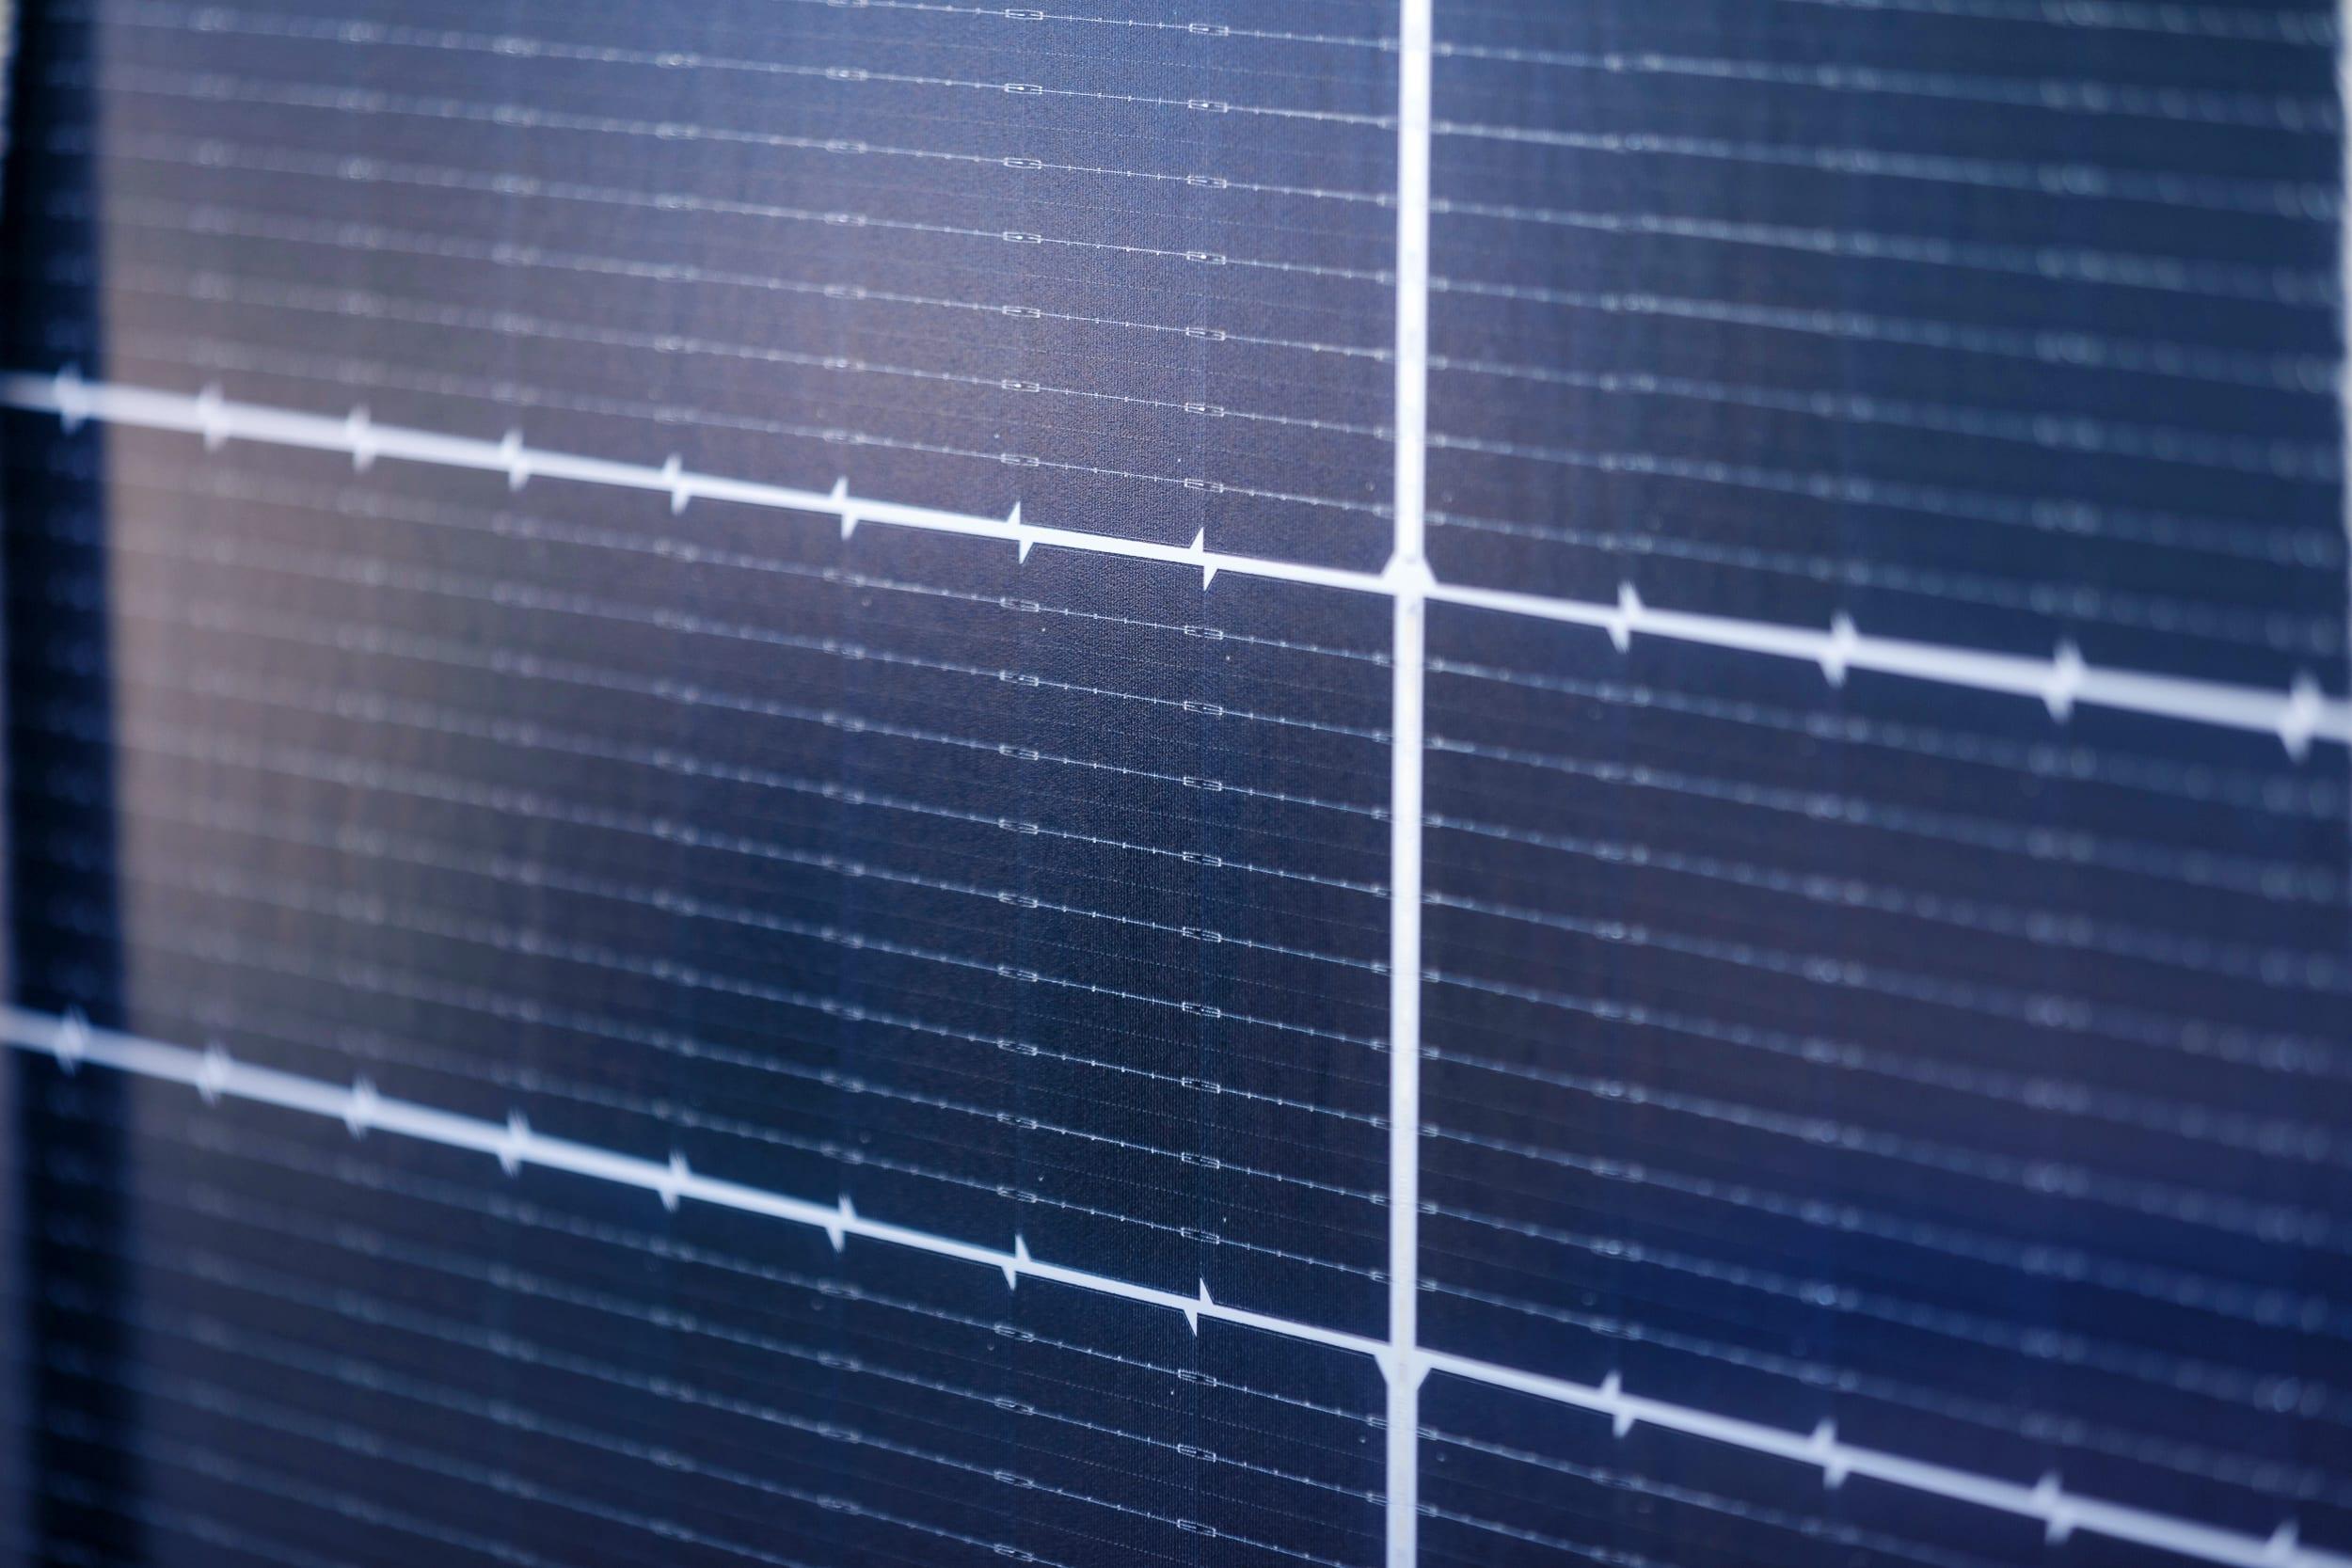 אנרגיה סולארית ביתית | מערכת סולארית ביתית | מערכות סולאריות ביתיות | מערכת סולארית עצמאית